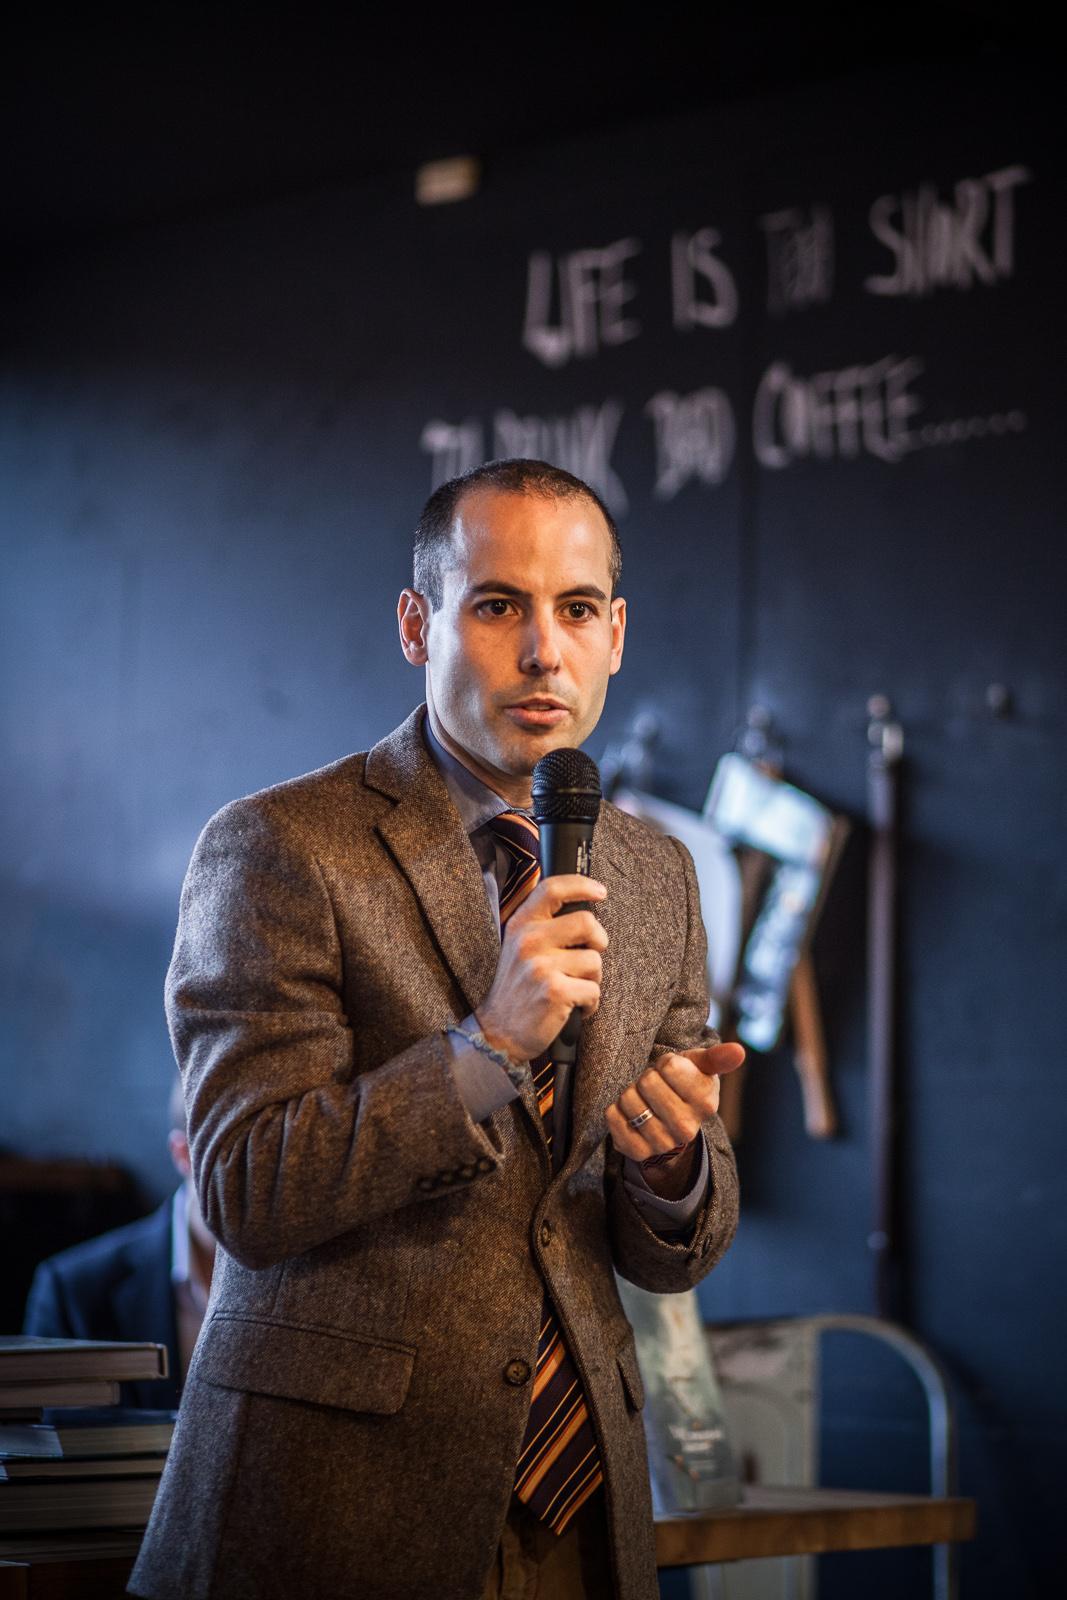 Iván Gómez coautor conversando con el público